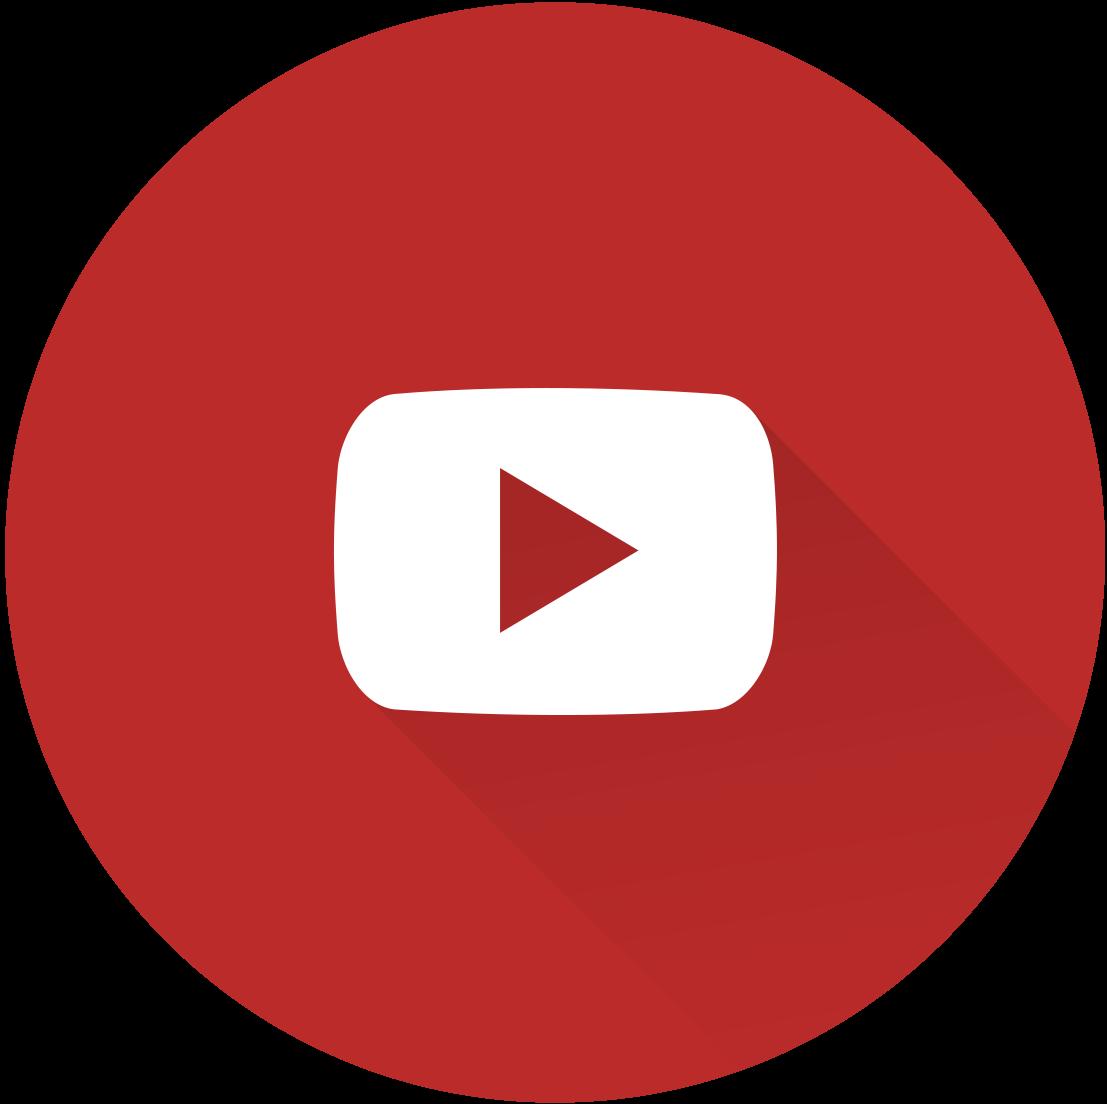 youtube.com/giovanamaimoni